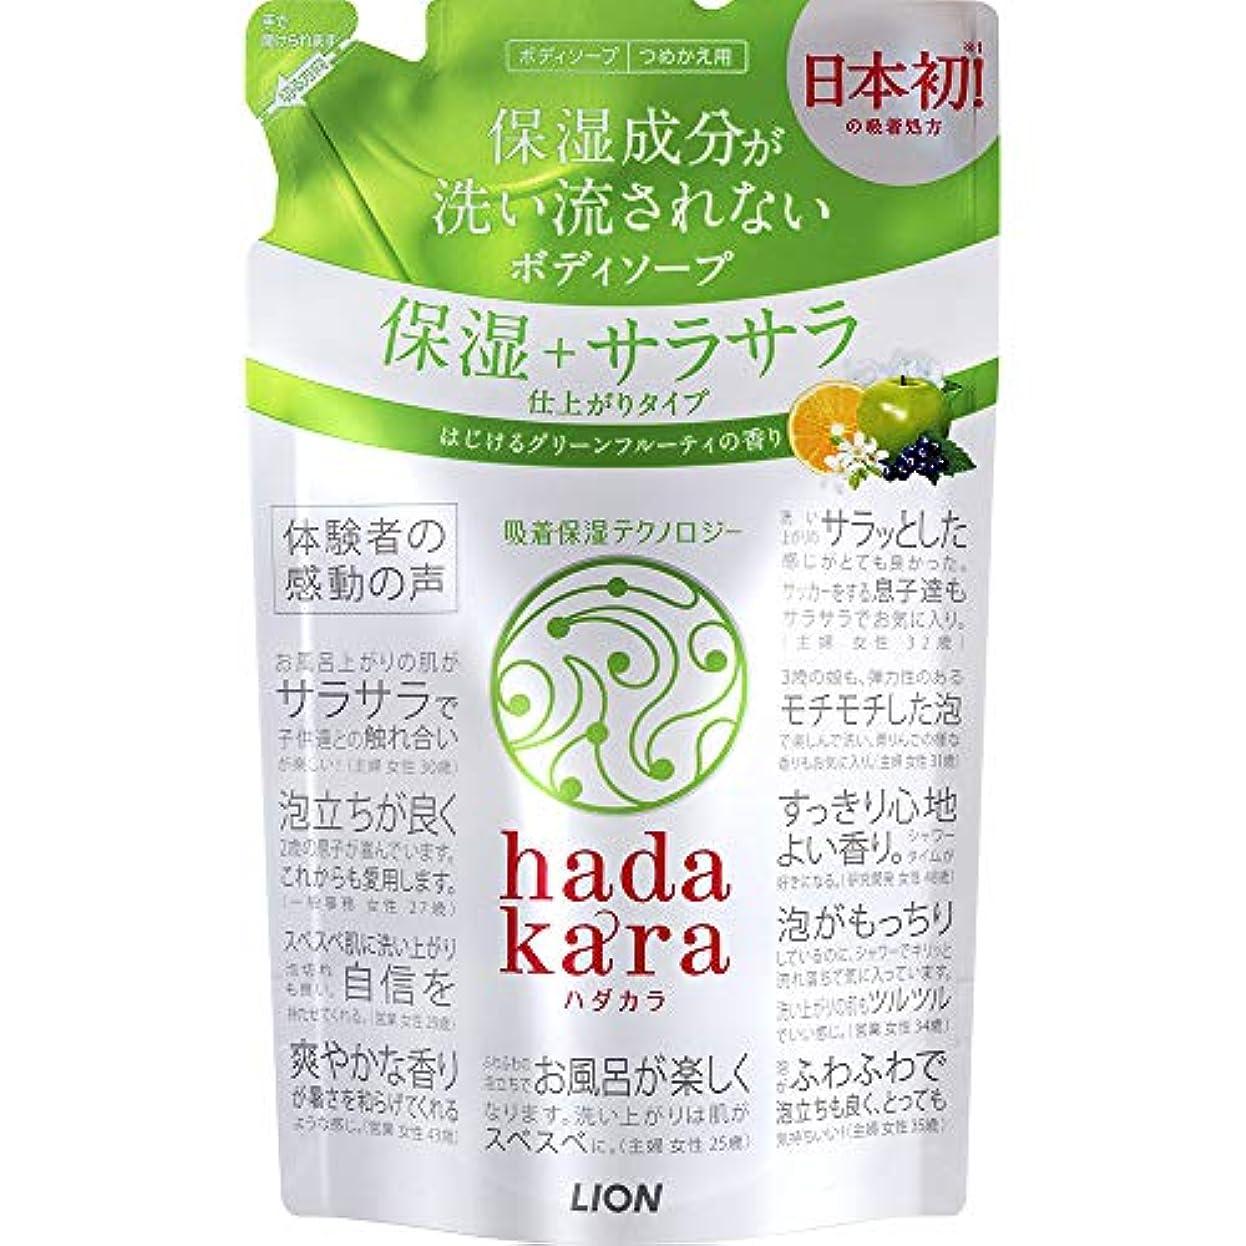 意識不利デコラティブhadakara(ハダカラ) ボディソープ 保湿+サラサラ仕上がりタイプ グリーンフルーティの香り 詰め替え 340ml